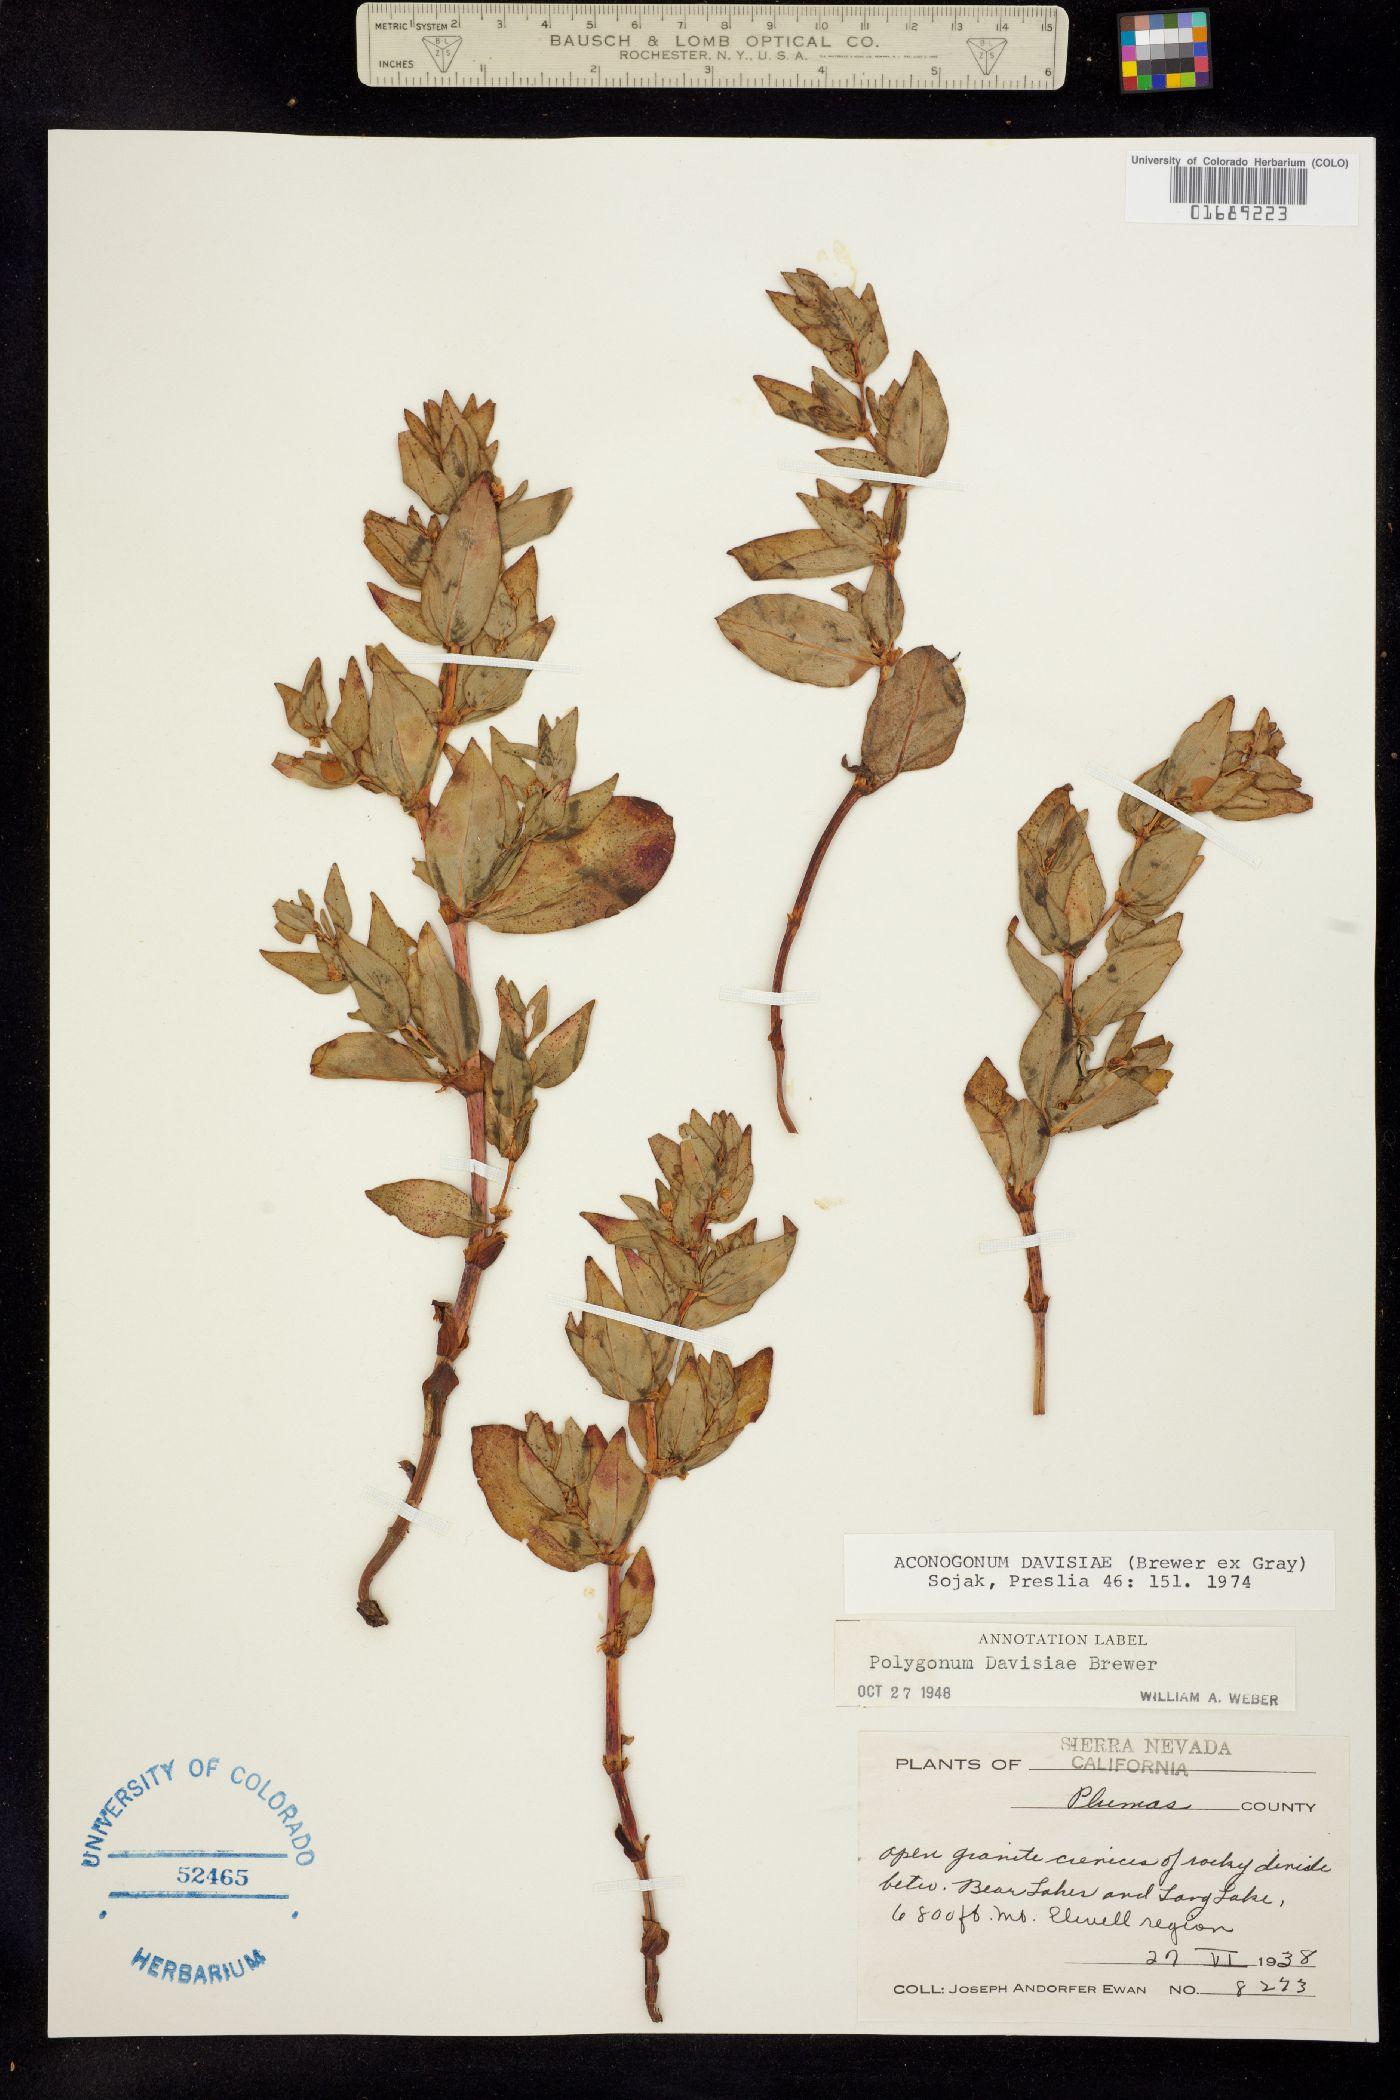 Aconogonum davisiae image